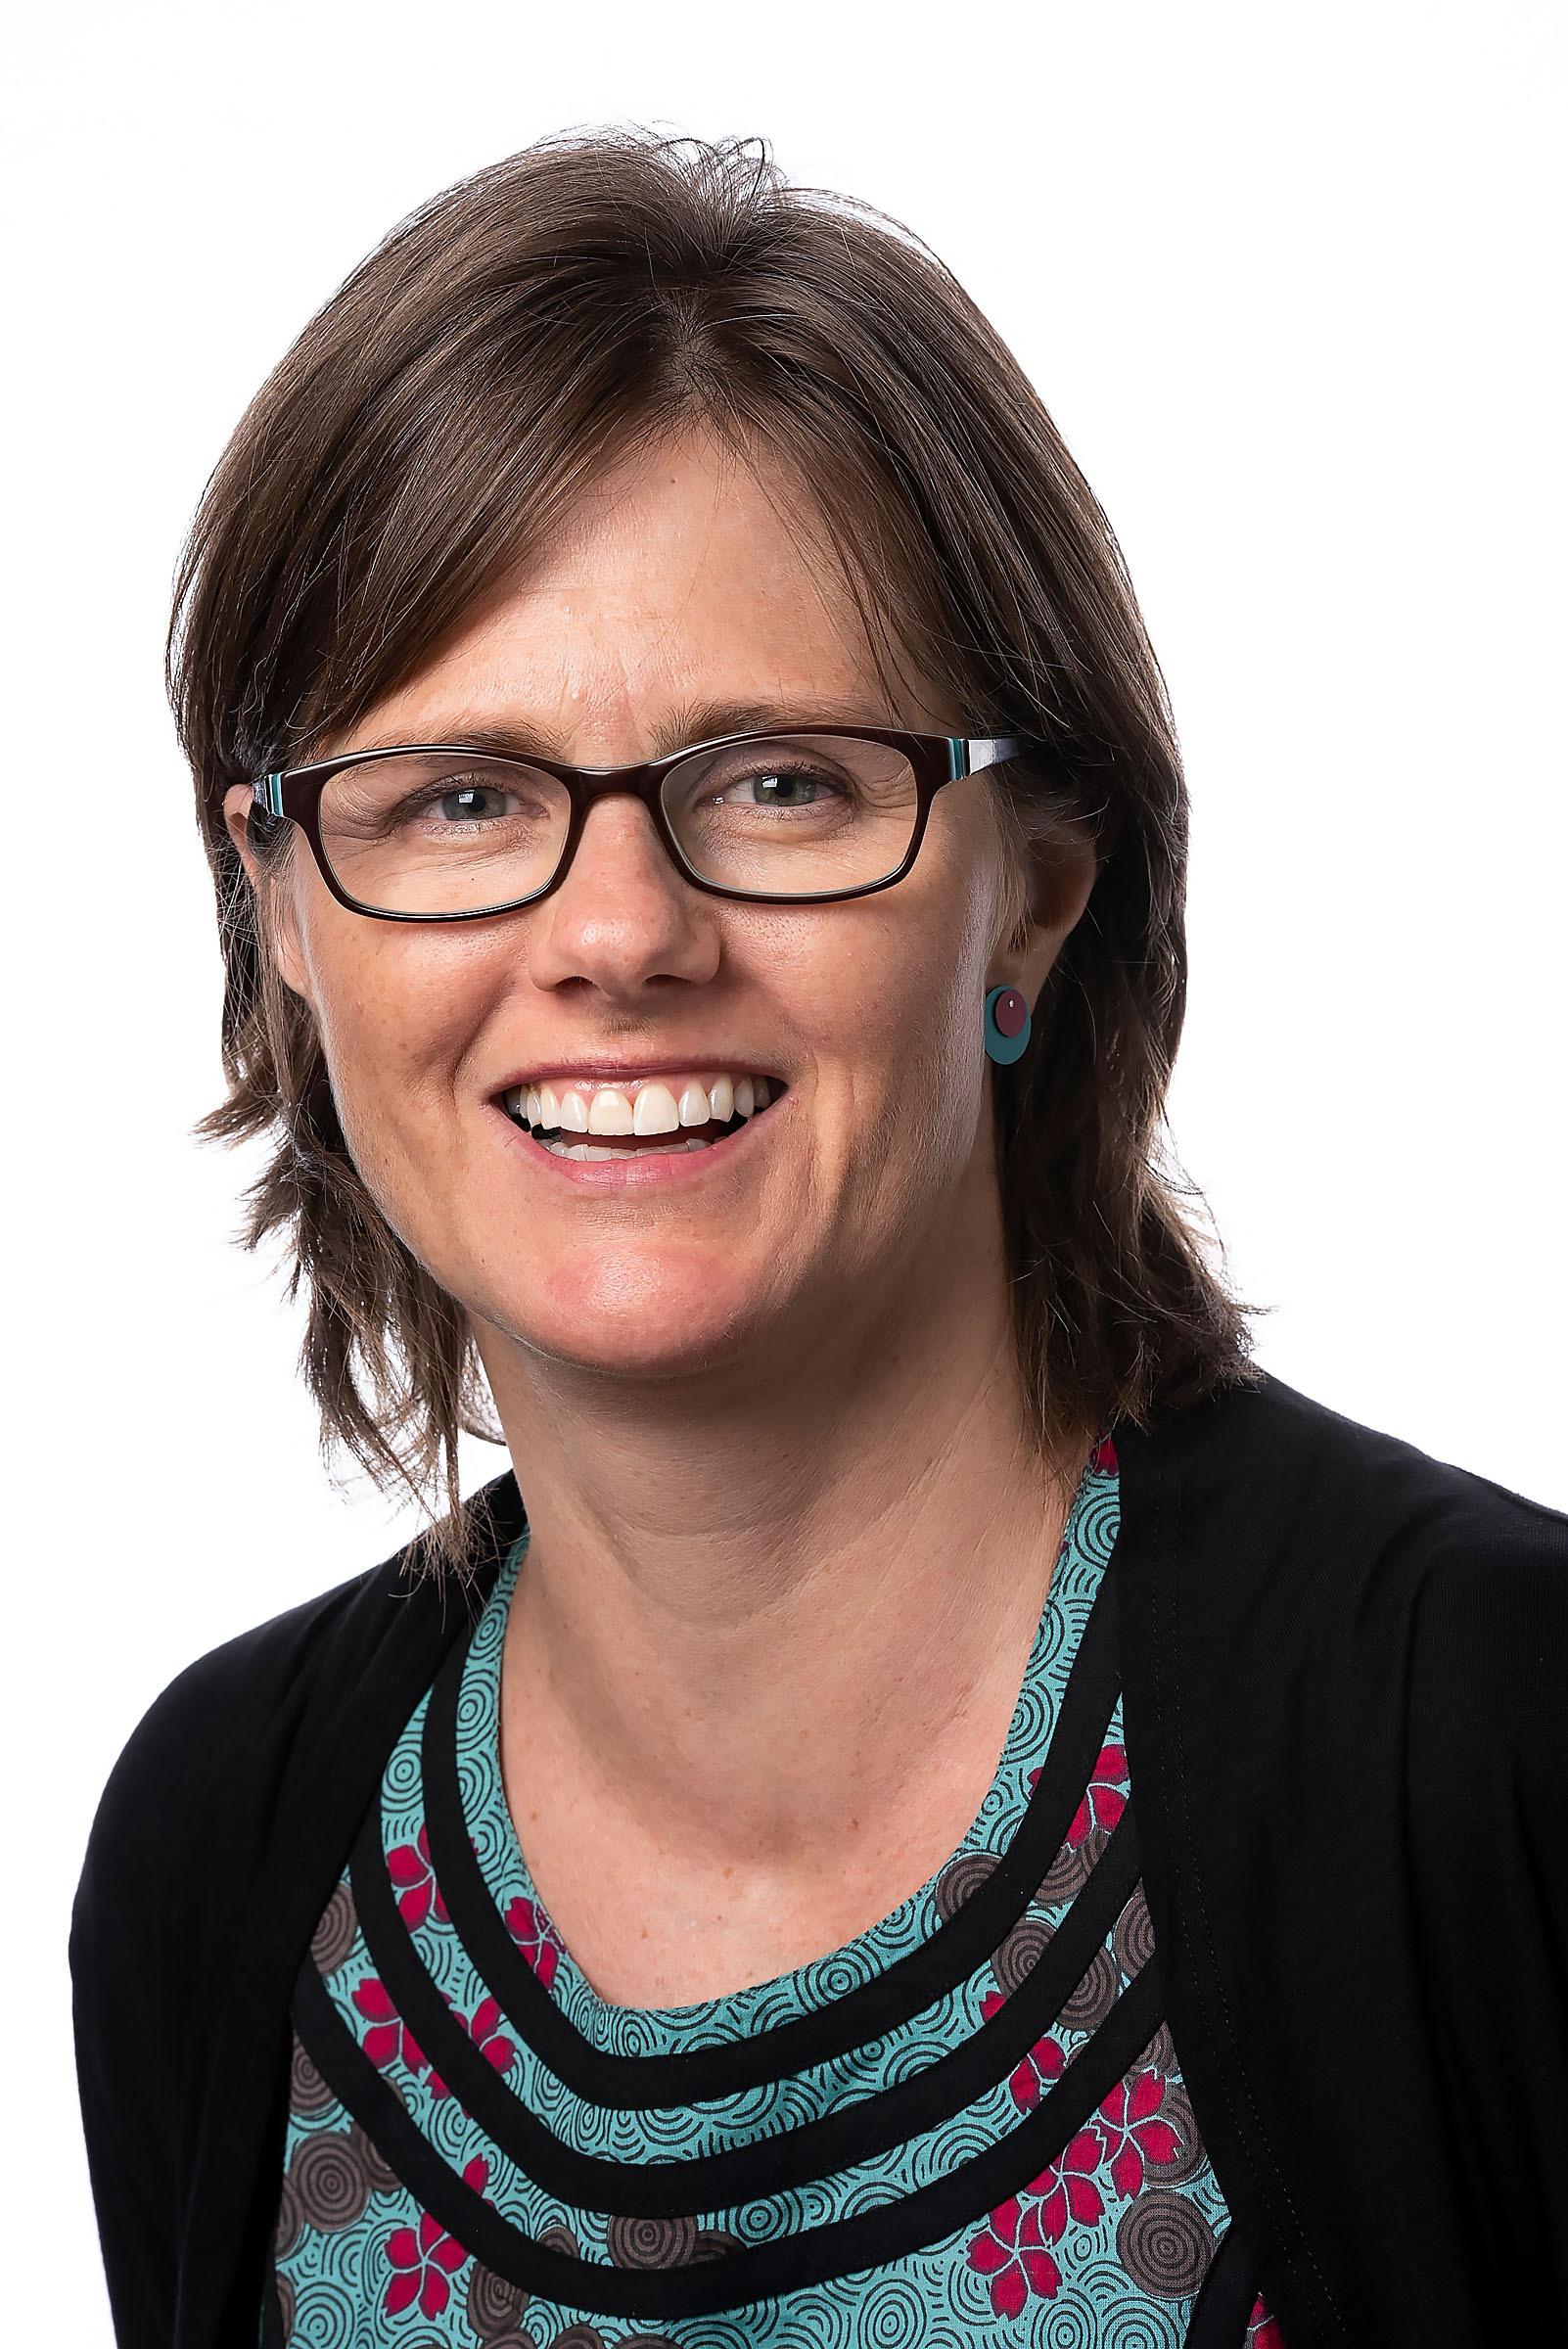 Profile picture of Debra McDougall